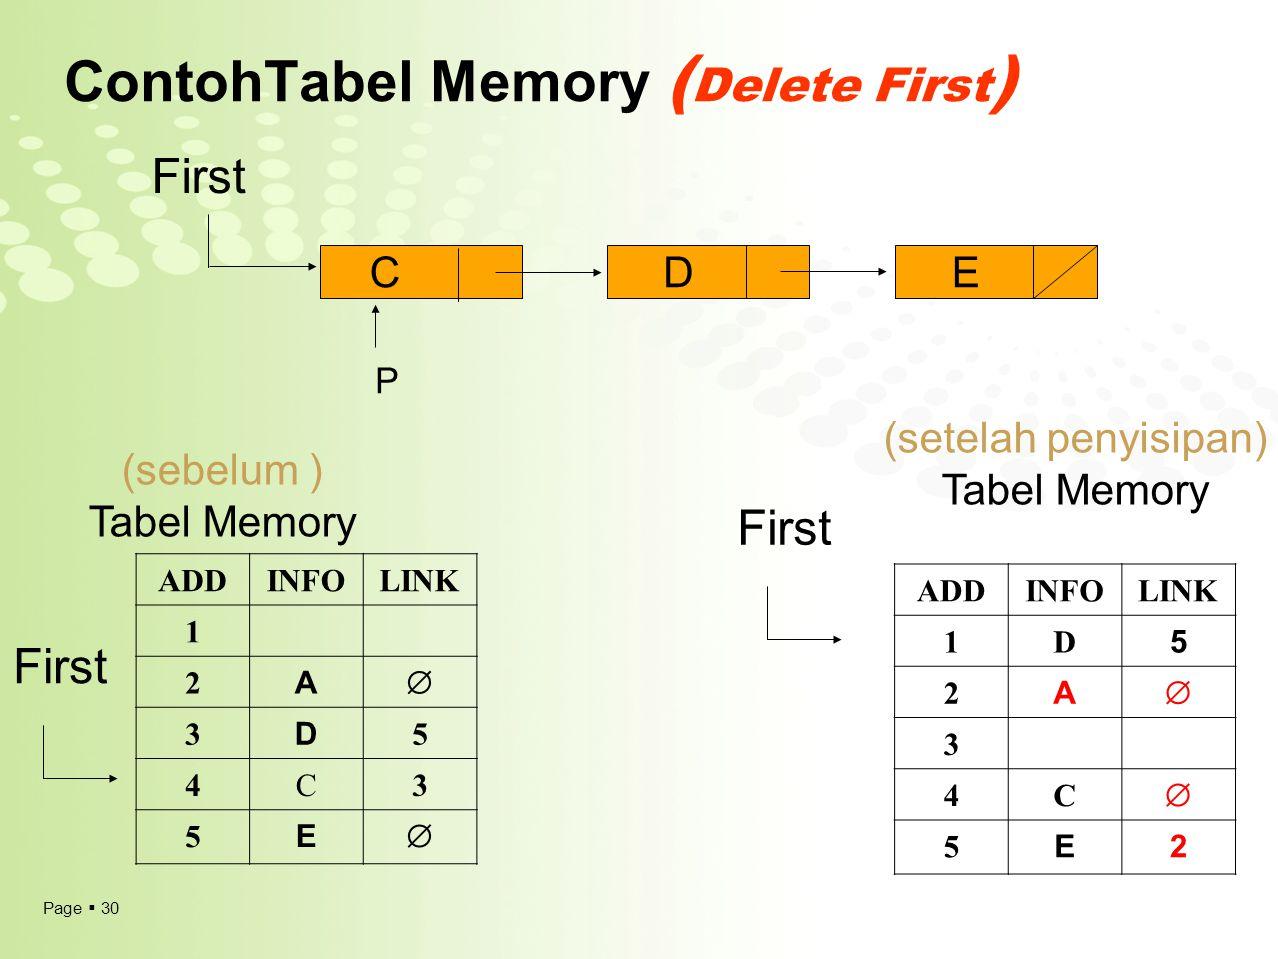 Page  30 ContohTabel Memory ( Delete First ) ADDINFOLINK 1 2 A  3 D 5 4C3 5 E  (sebelum ) Tabel Memory First CDE P (setelah penyisipan) Tabel Memor